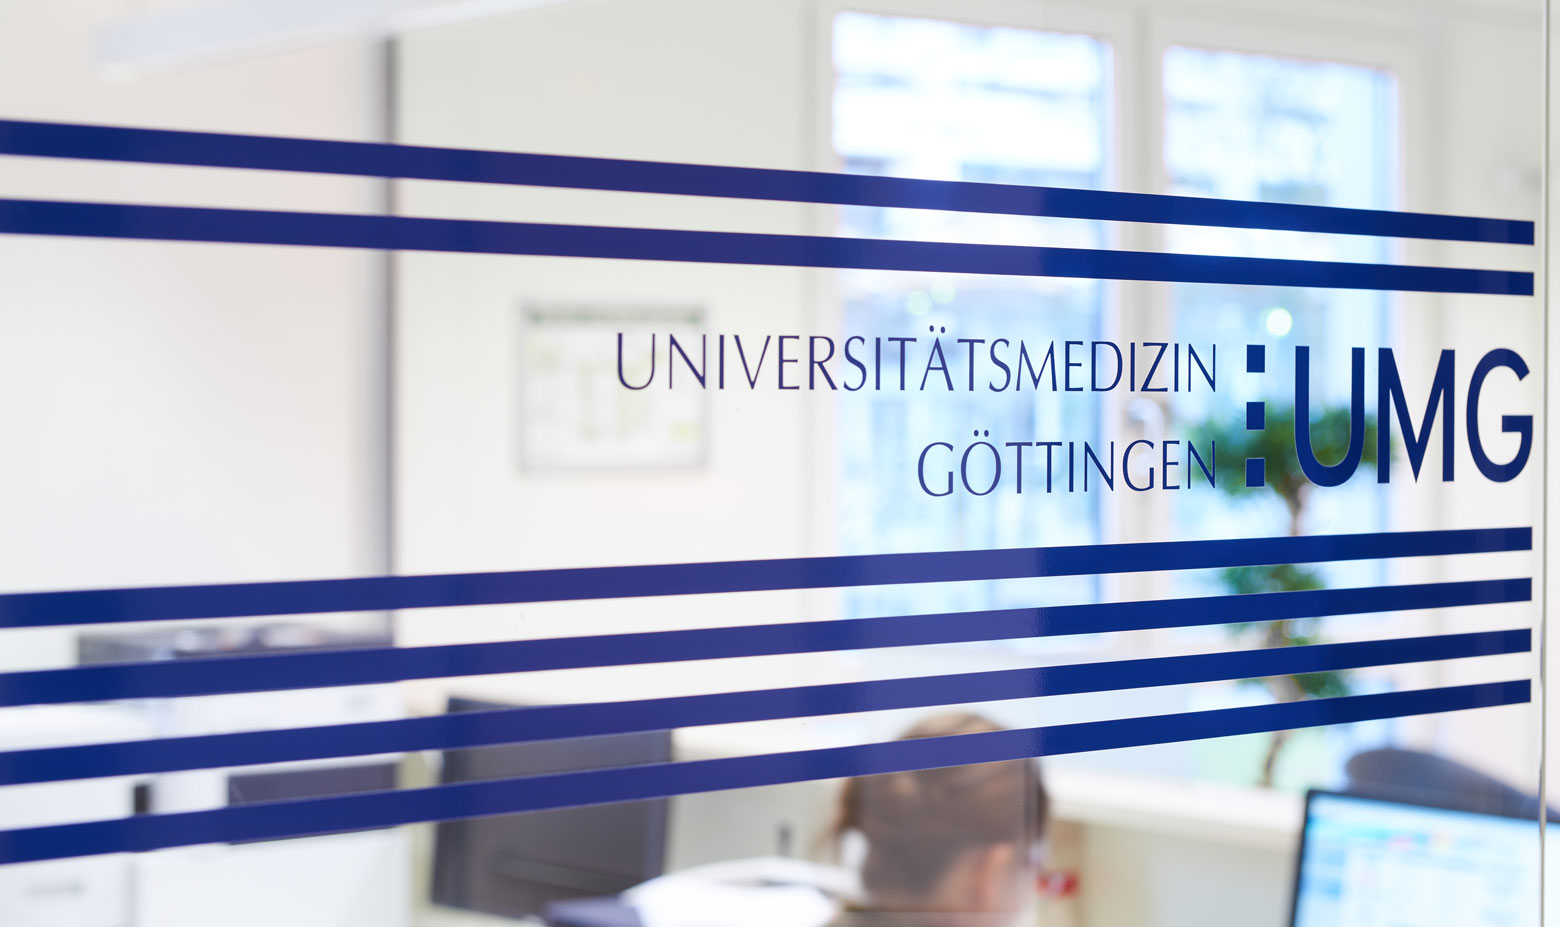 Universitätsmedizin Göttingen - Wissenschaftlicher Mitarbeiter (m/w/d) - Logo